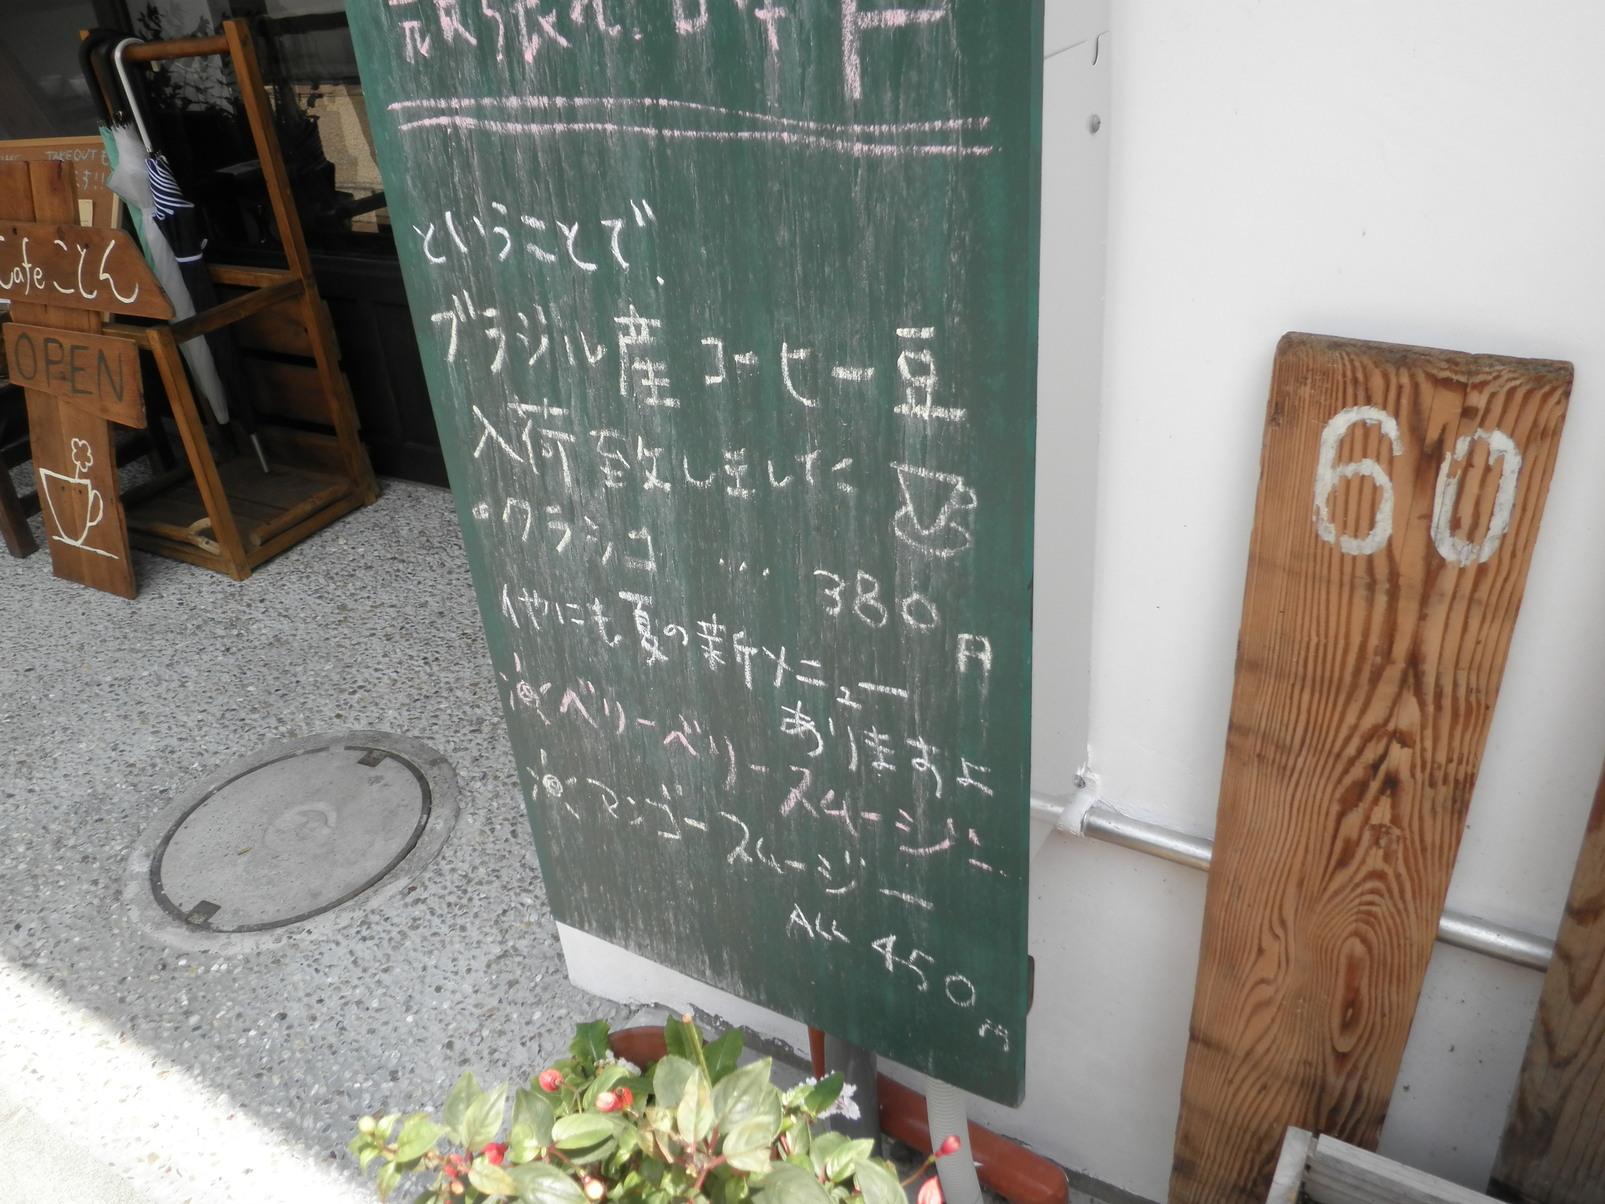 Cafe ことん